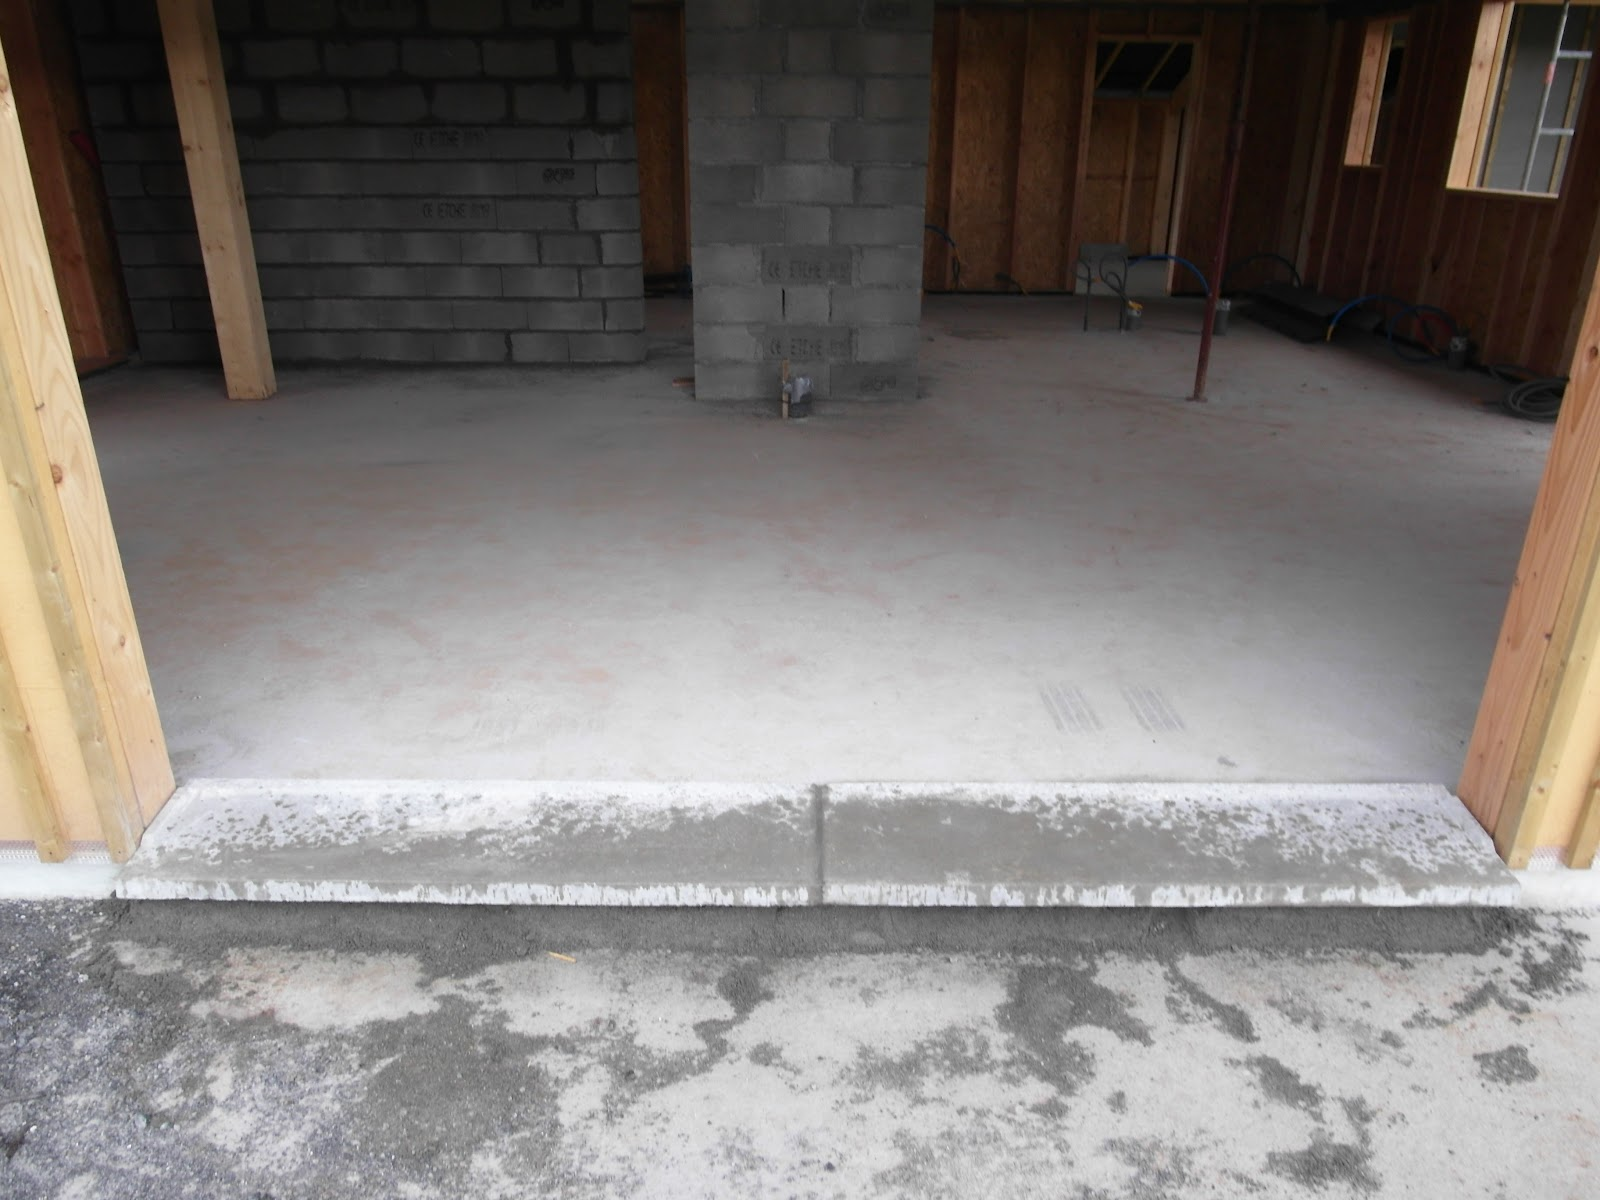 construction de notre maison agnos pose des seuils et reconstruction du mur droit. Black Bedroom Furniture Sets. Home Design Ideas